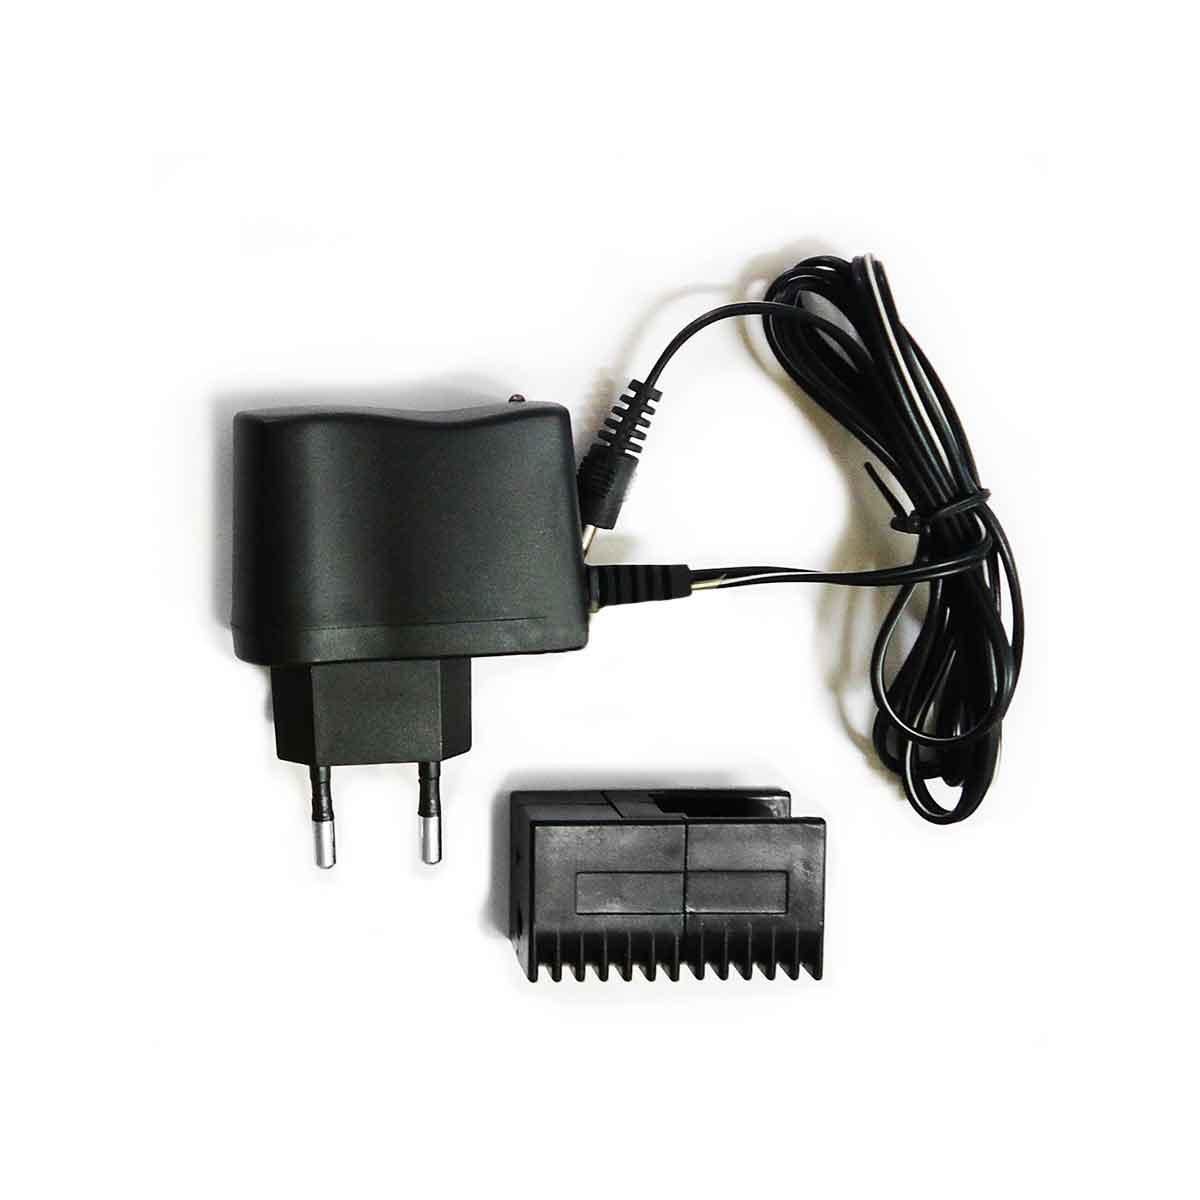 Carregador de Bateria Cyma Airsoft Bivolt QG-HY133